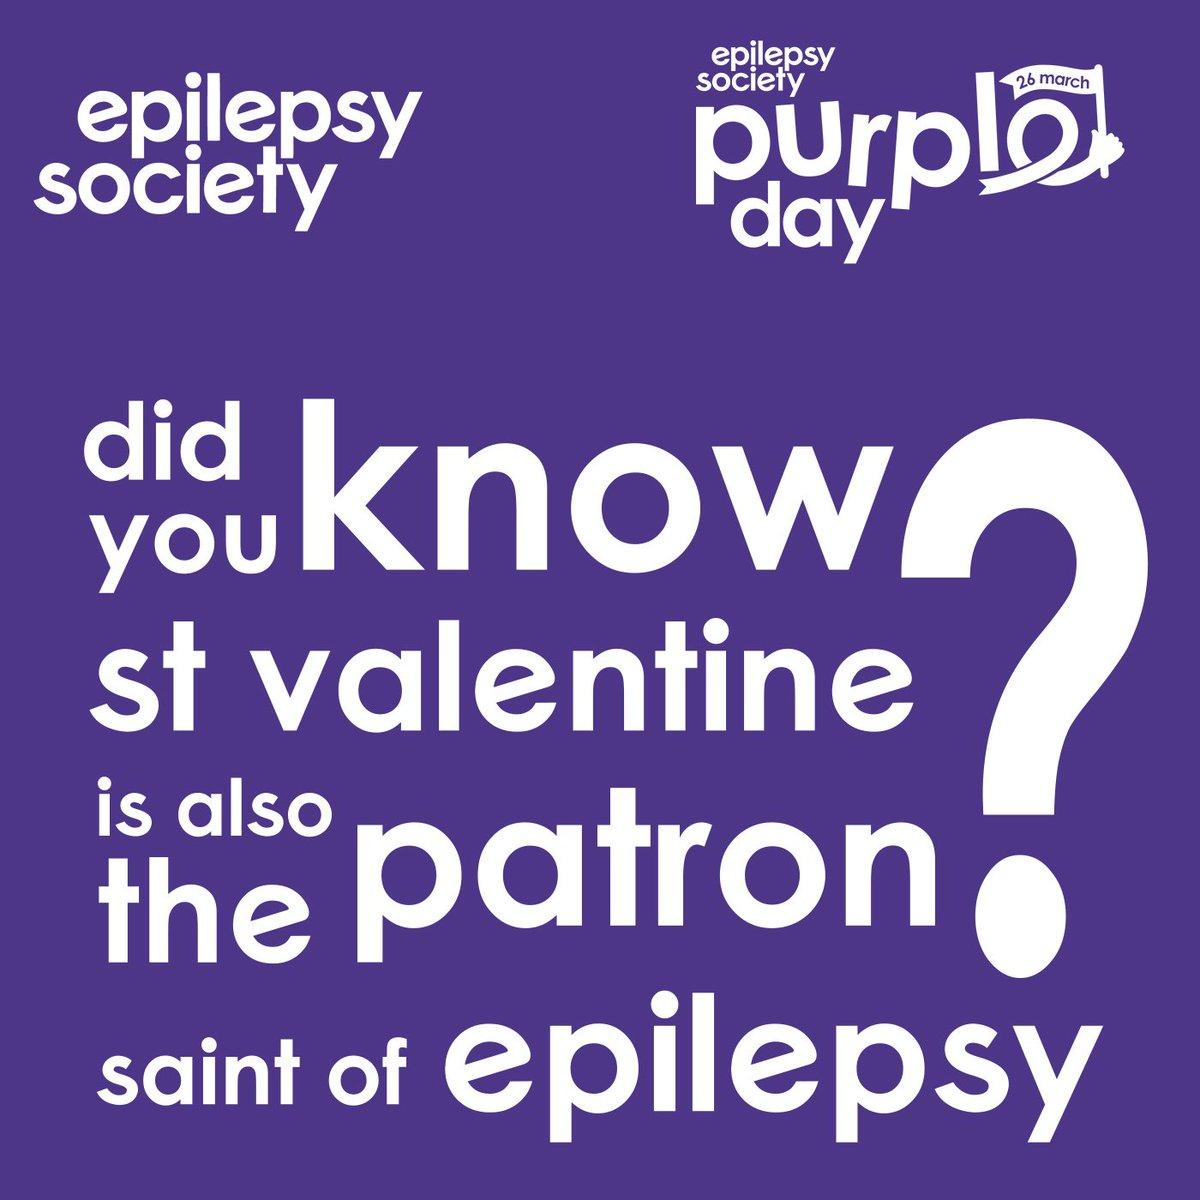 Patron saint of epilepsy